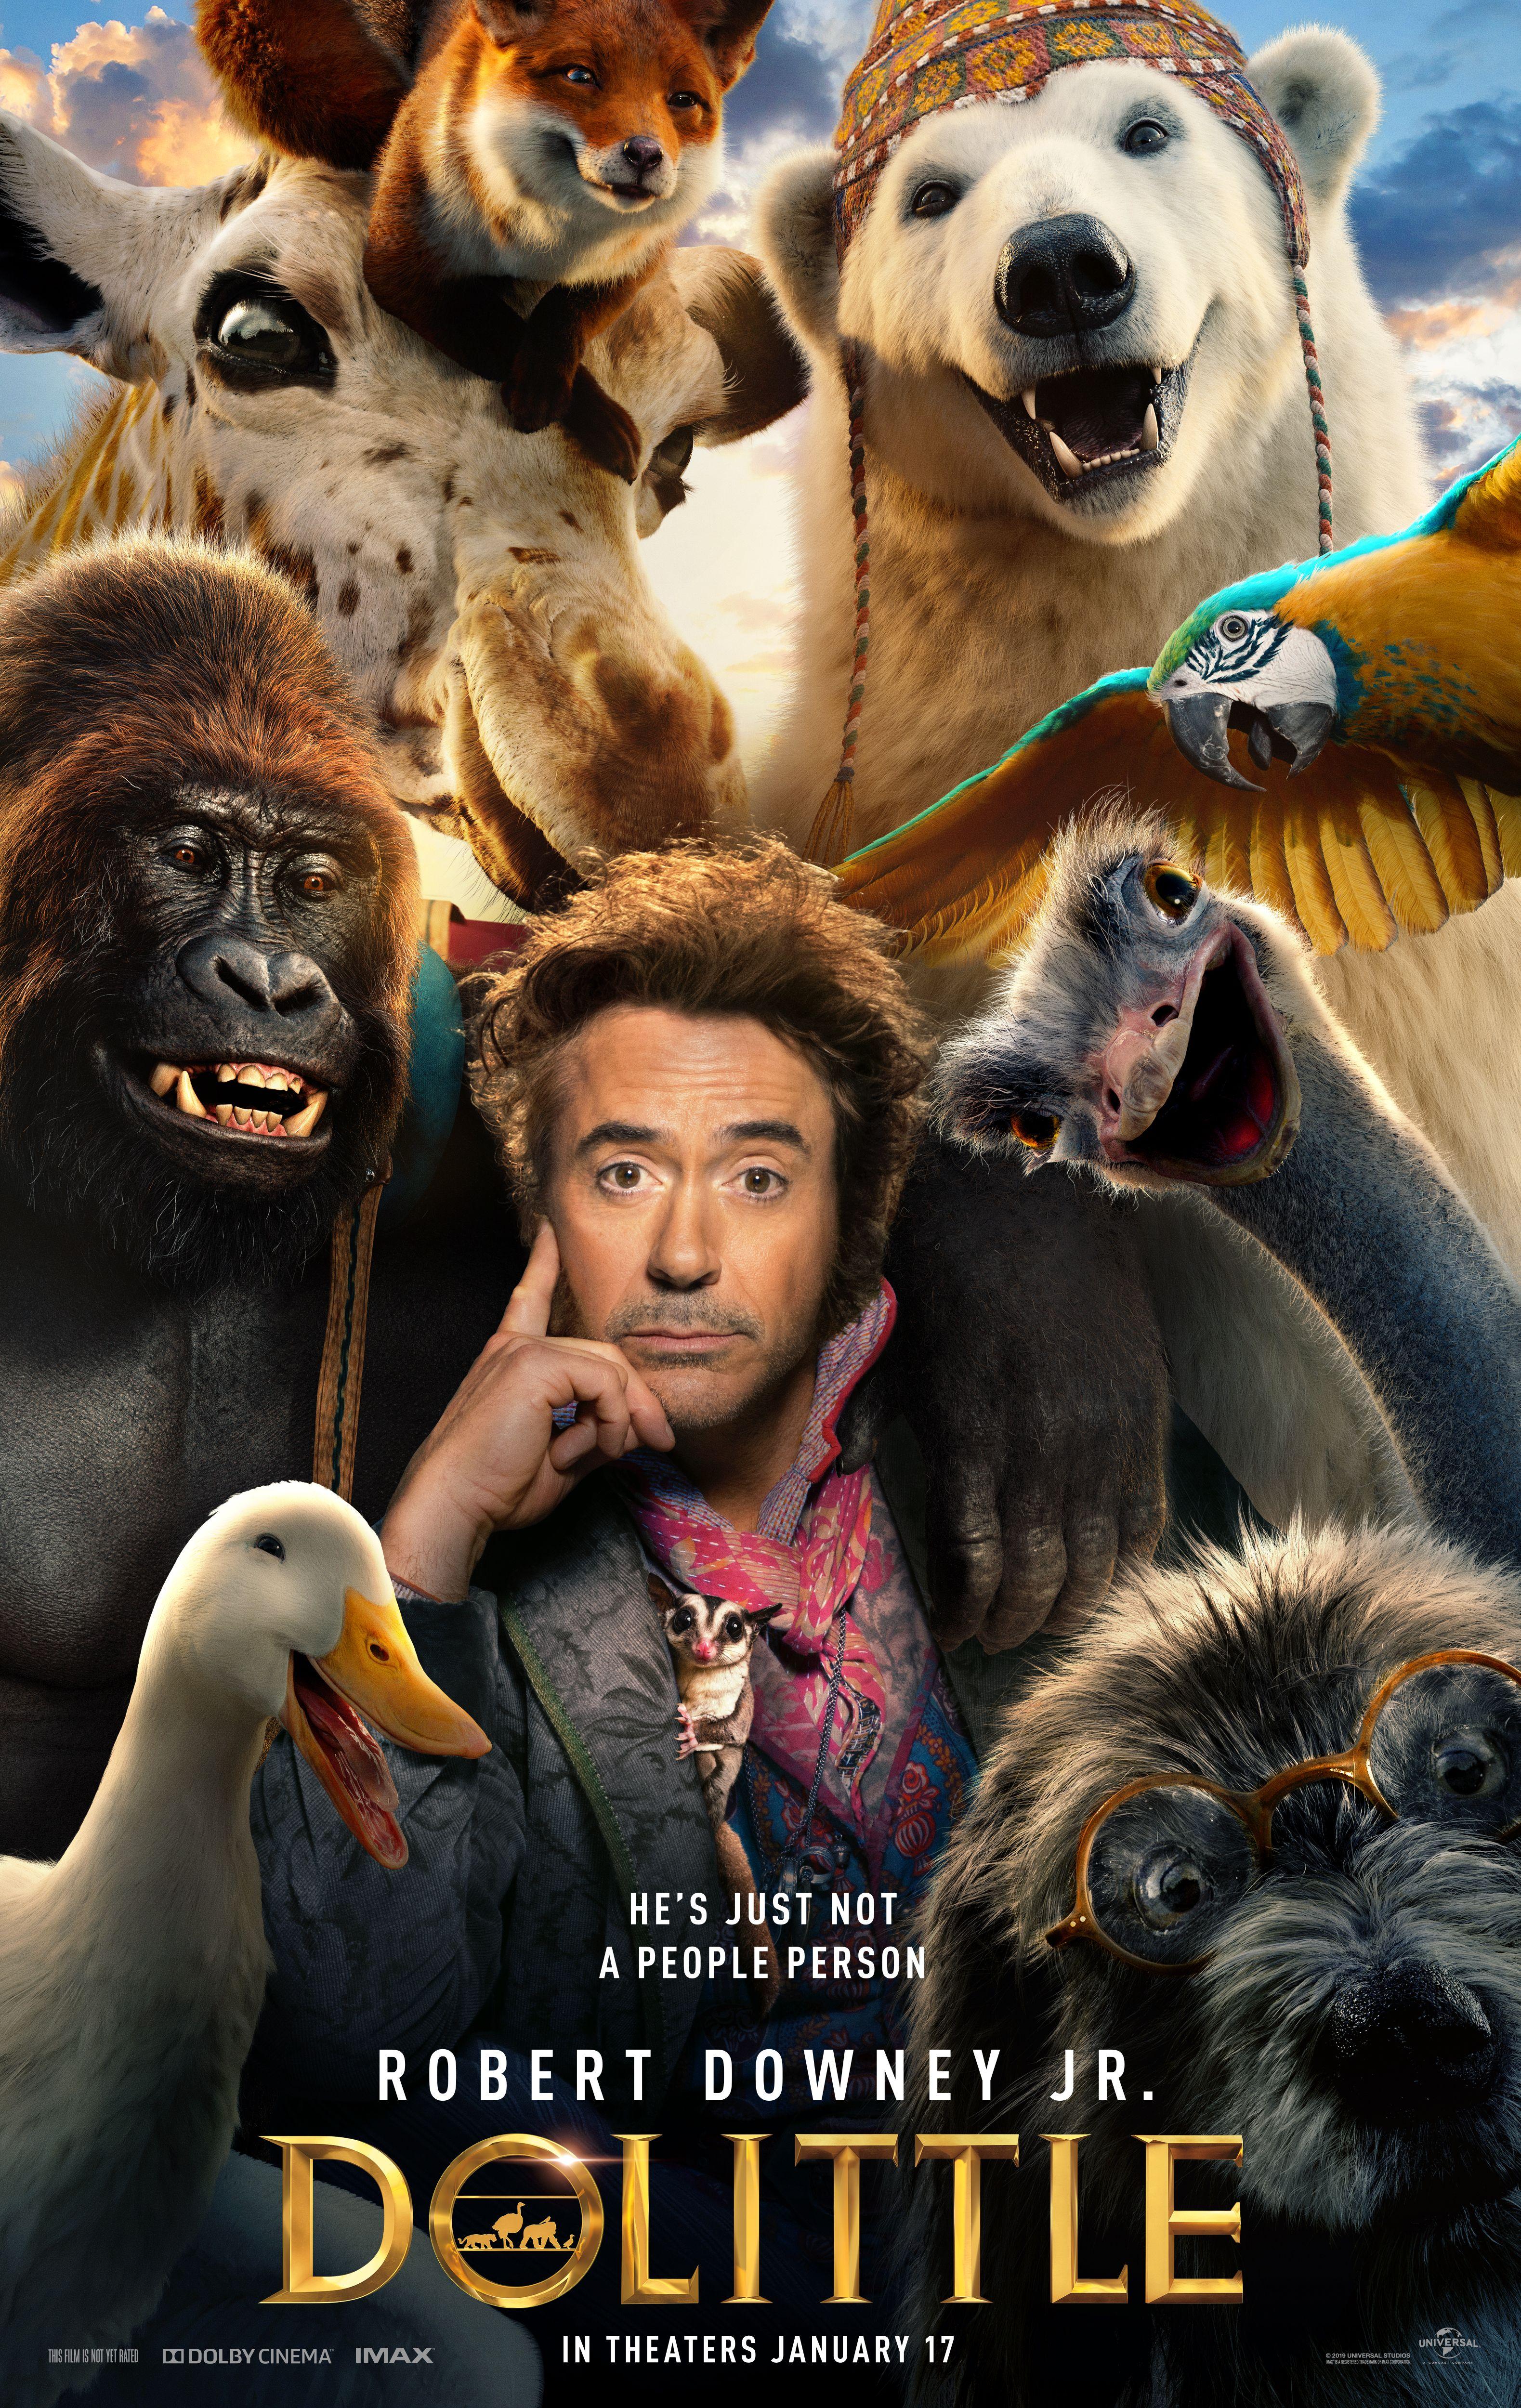 Die Fantastische Reise Des Dr Dolittle Poster Filme Kostenlos Robert Downey Jr Ganze Filme Kostenlos